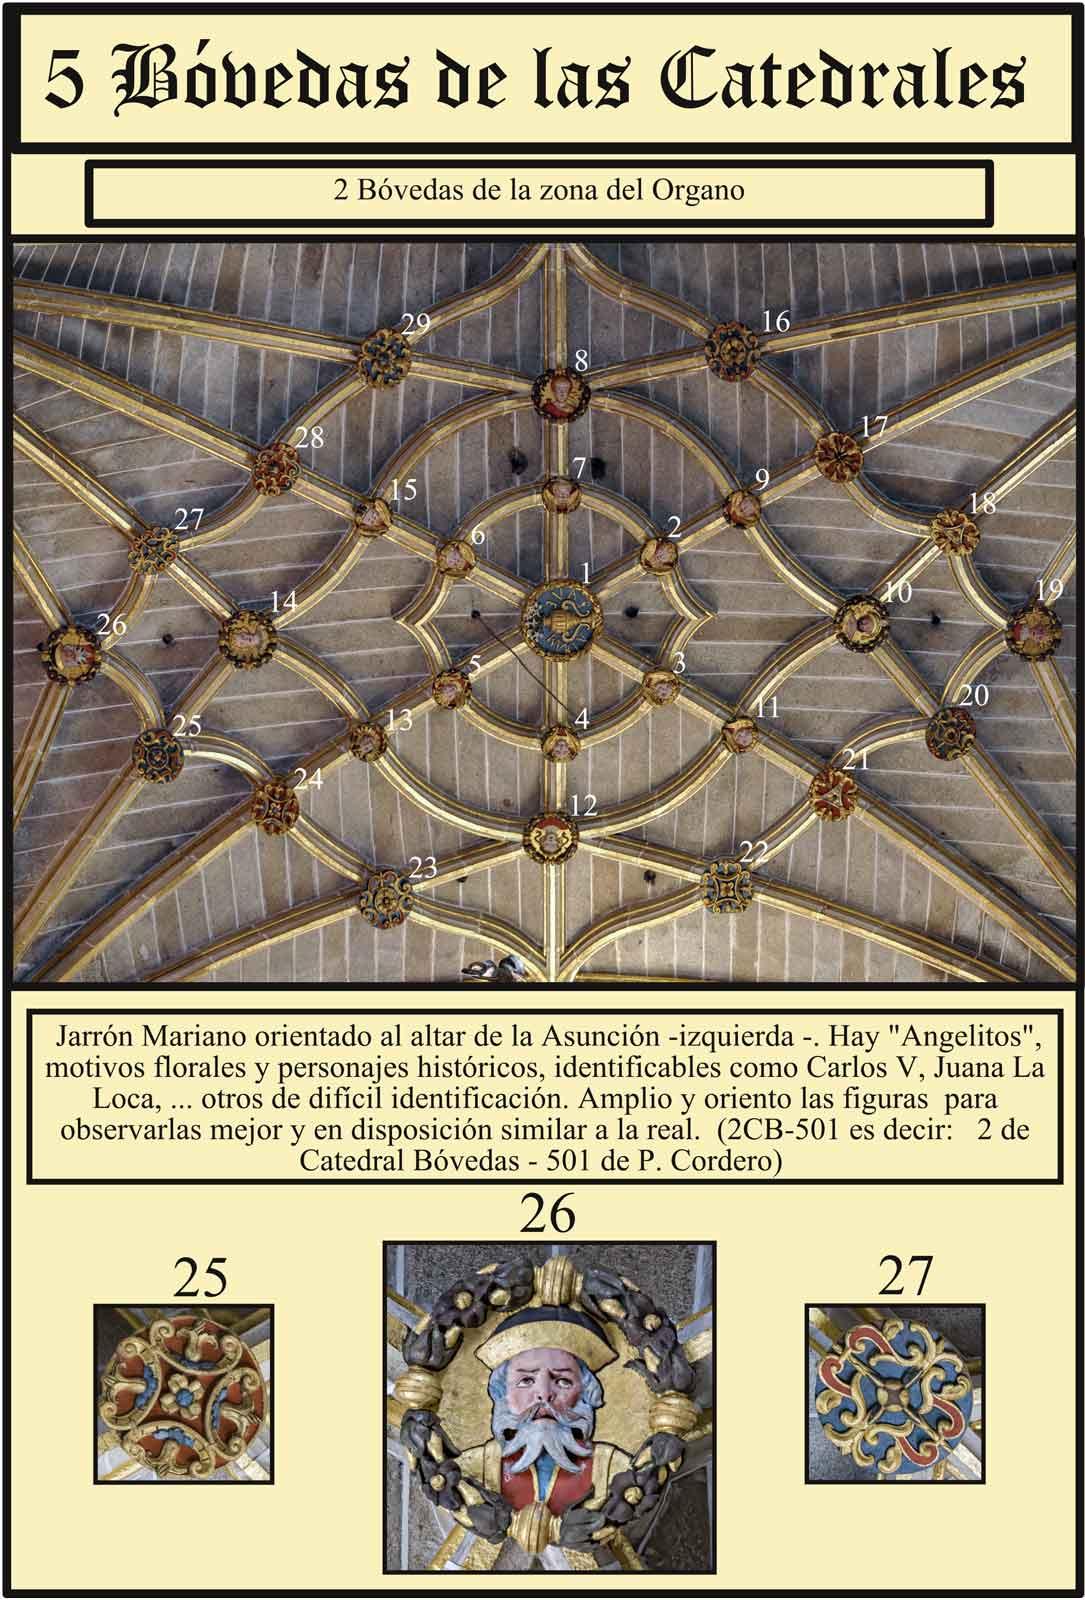 Catedral Nueva Plasencia Claves de piedra policromada en la boveda del organo